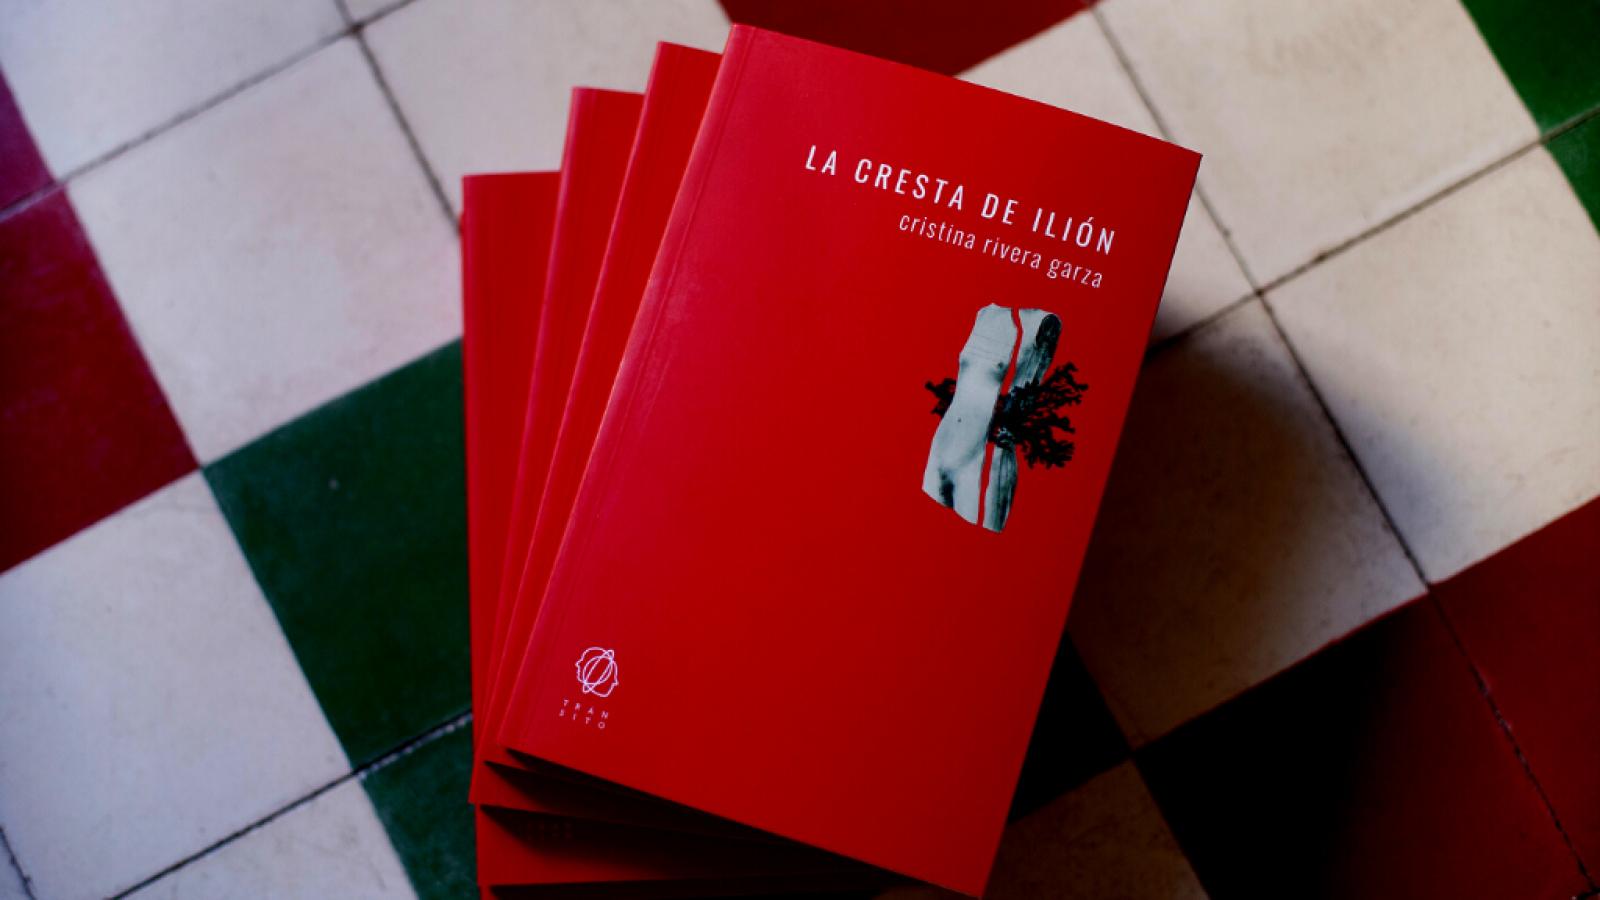 Las mañanas de RNE con Íñigo Alfonso - La Moderna   La cresta de Ilión - Escucha ahora